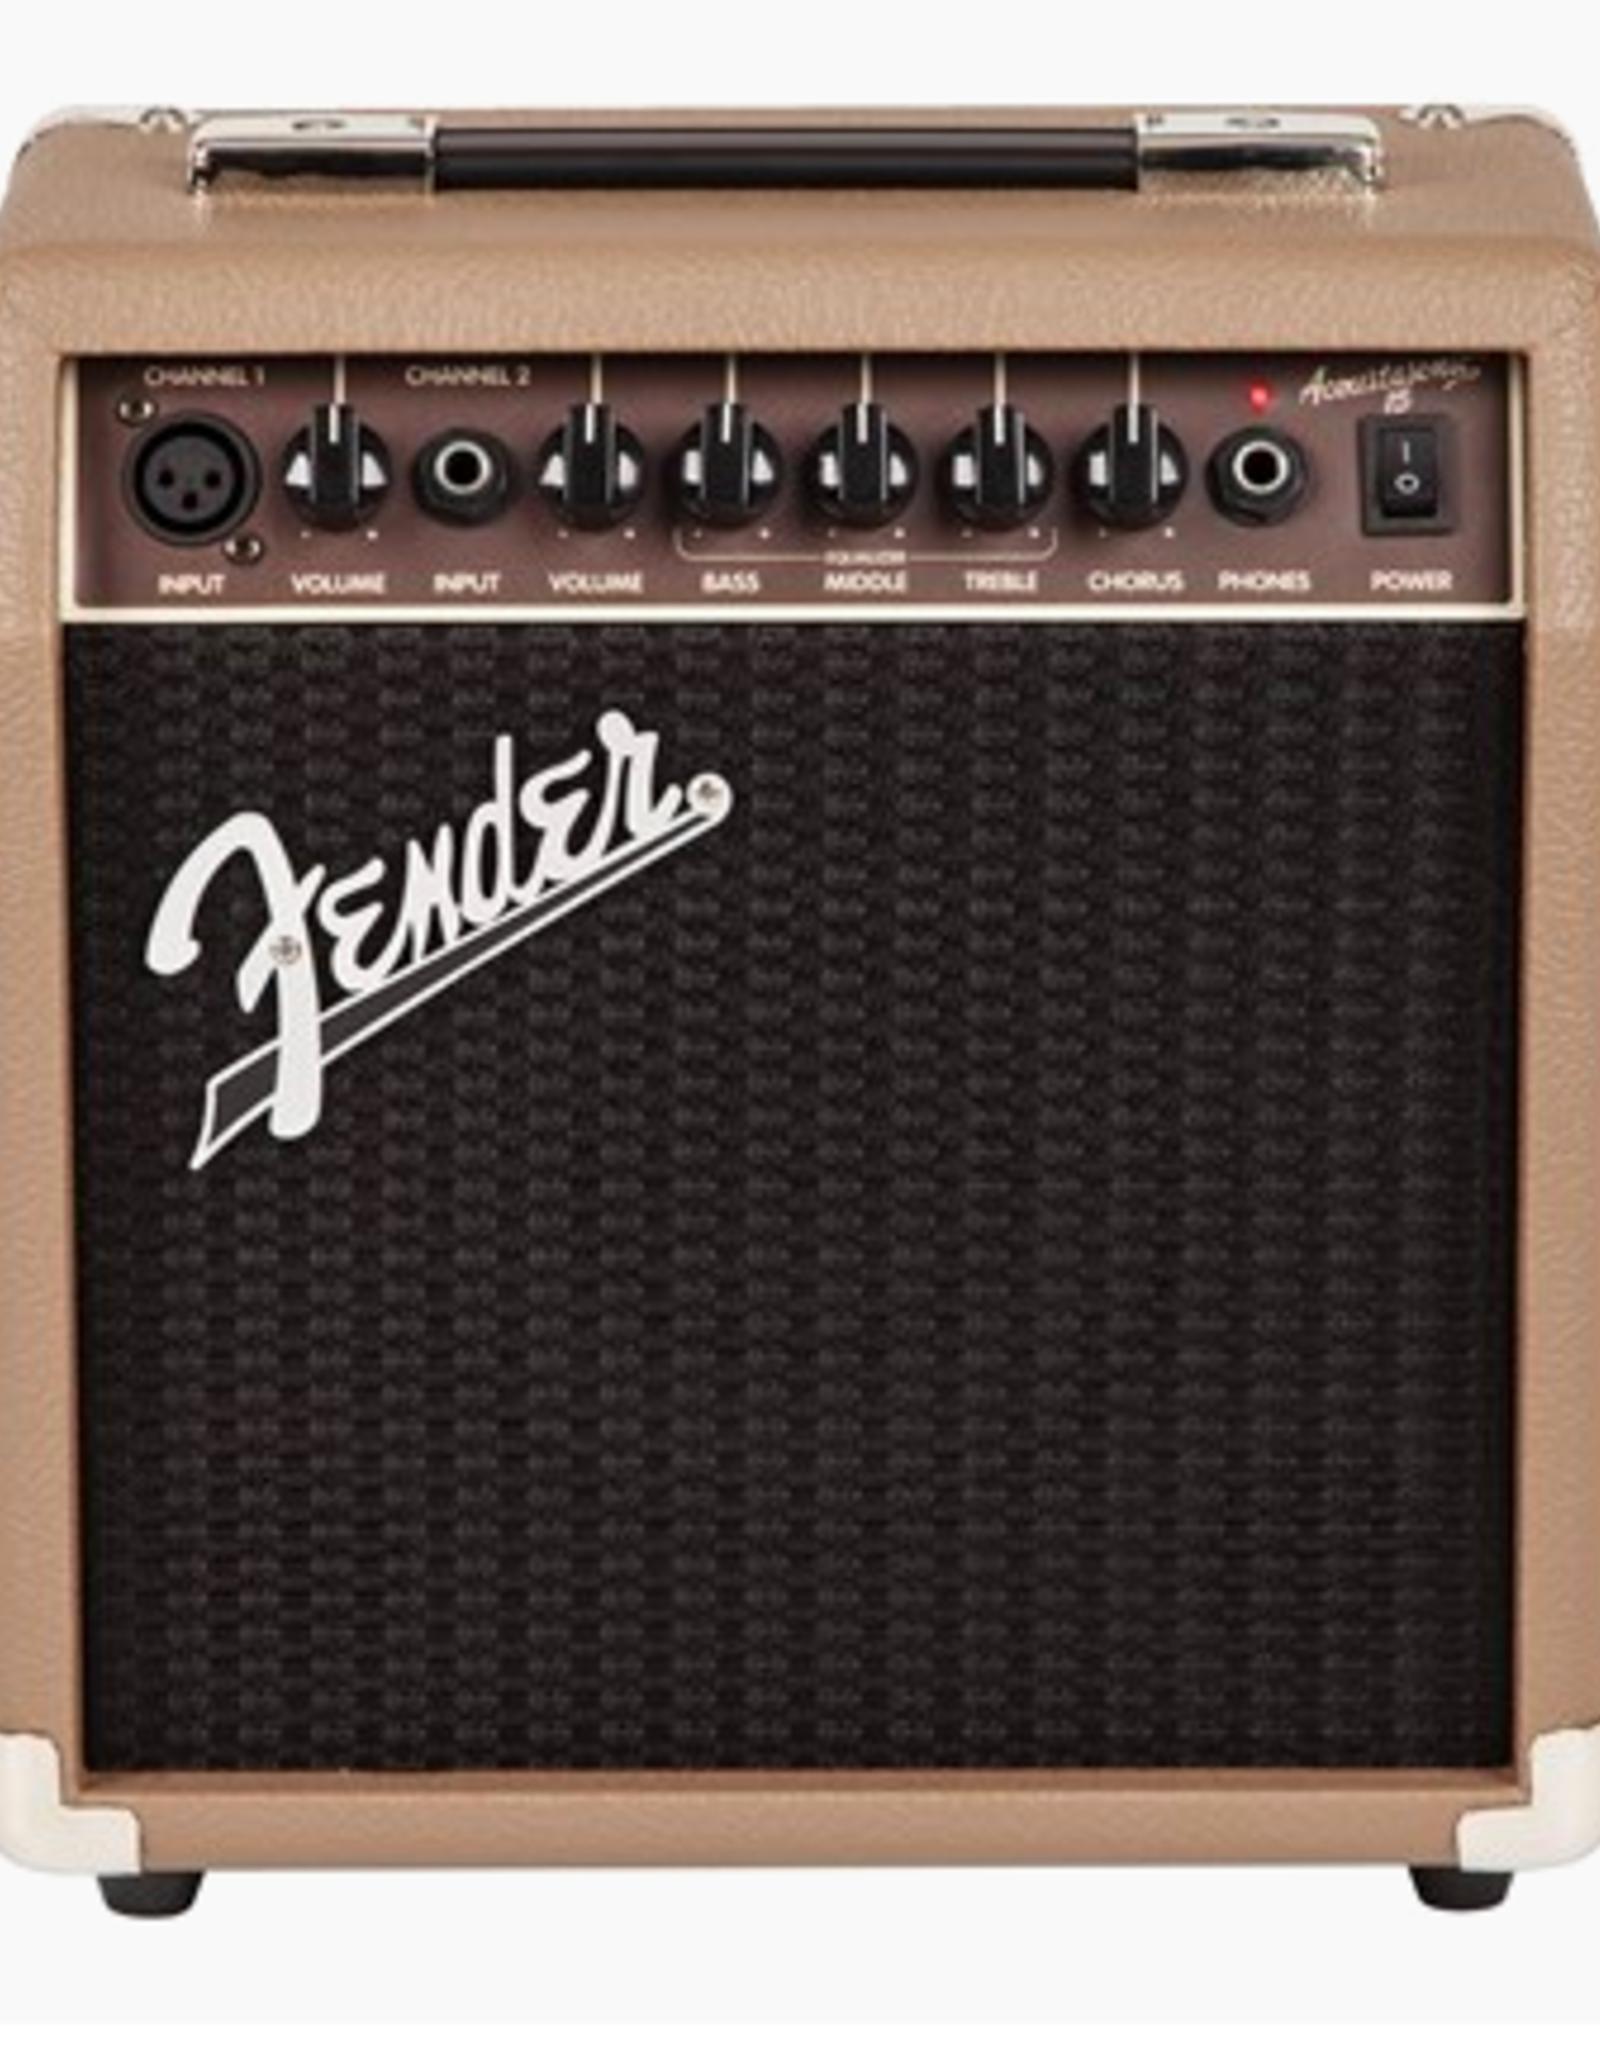 Fender FENDER ACOUSTASONIC 15, 120v